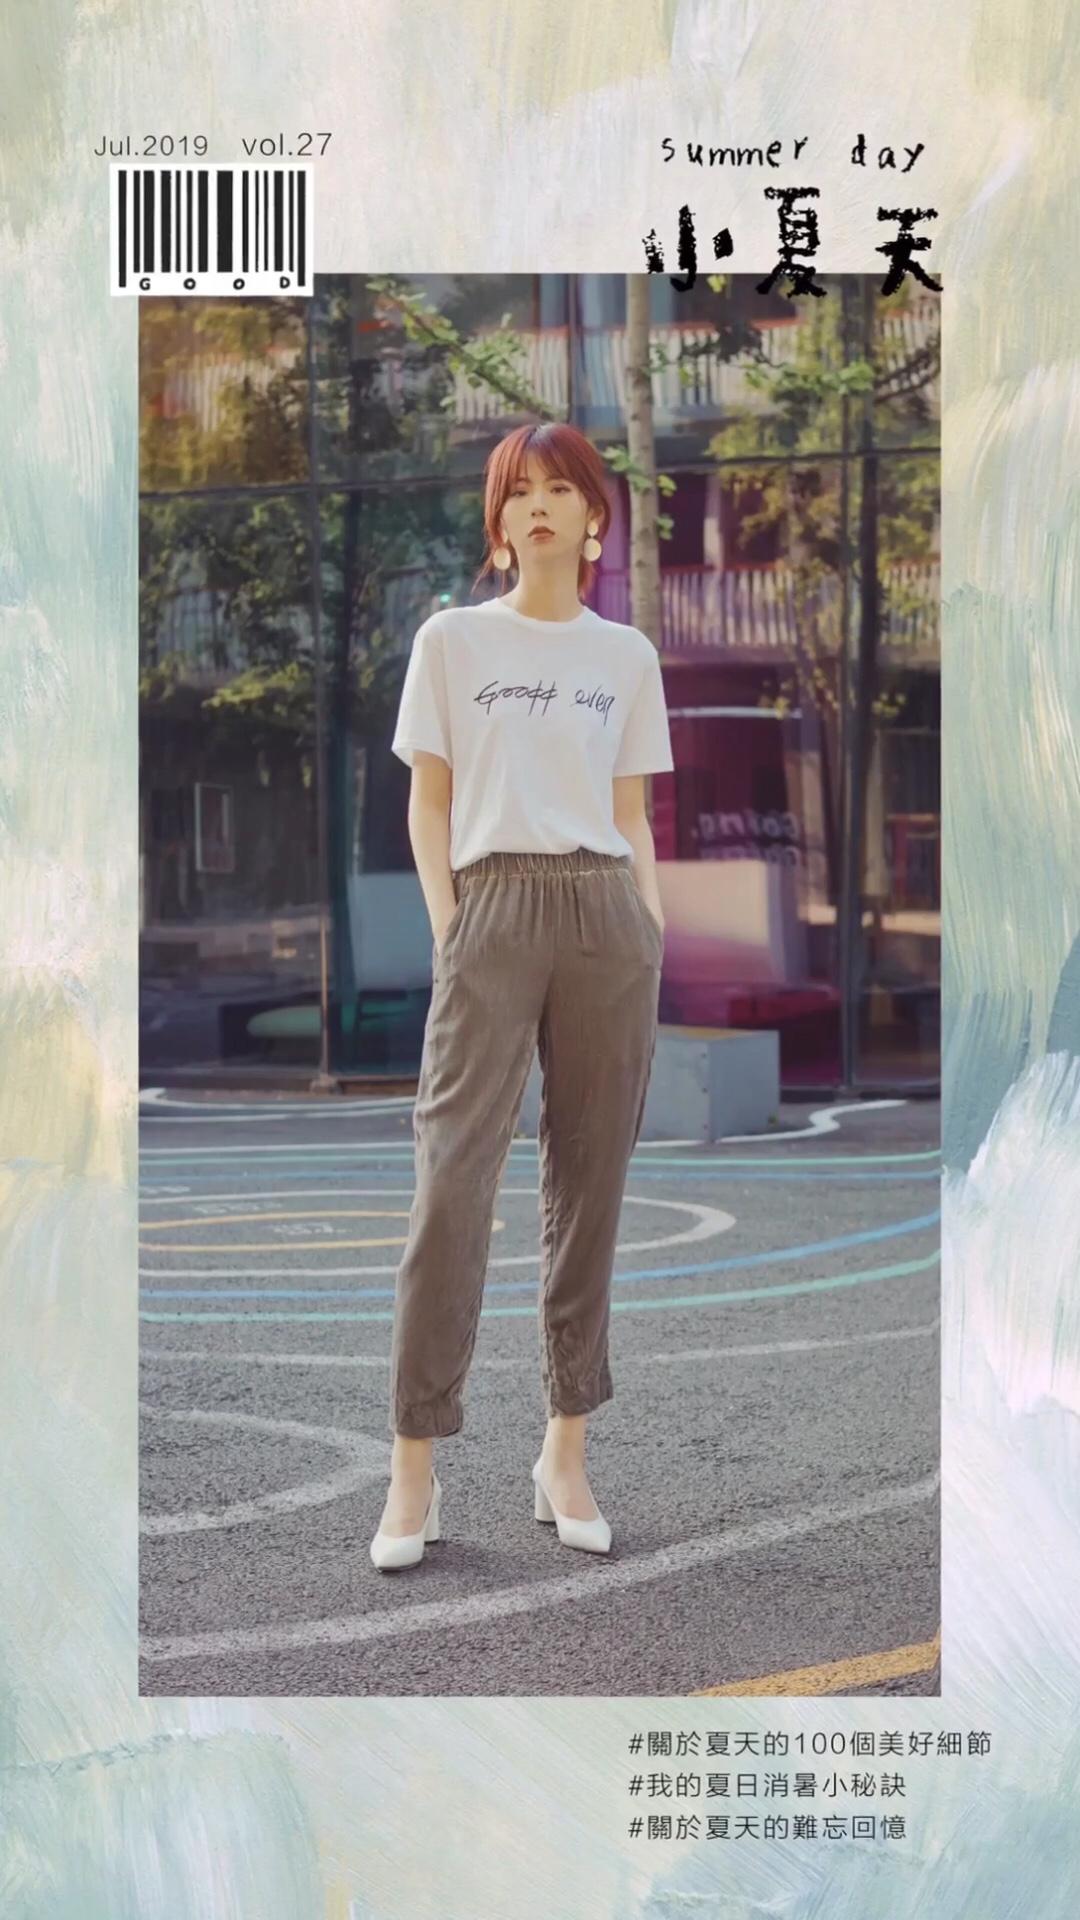 高腰丝绒裤 休闲又潇洒,穿上毫无束缚感! 舒适度💯就算逛街一整天也不会难受 #蘑菇街新品测评#